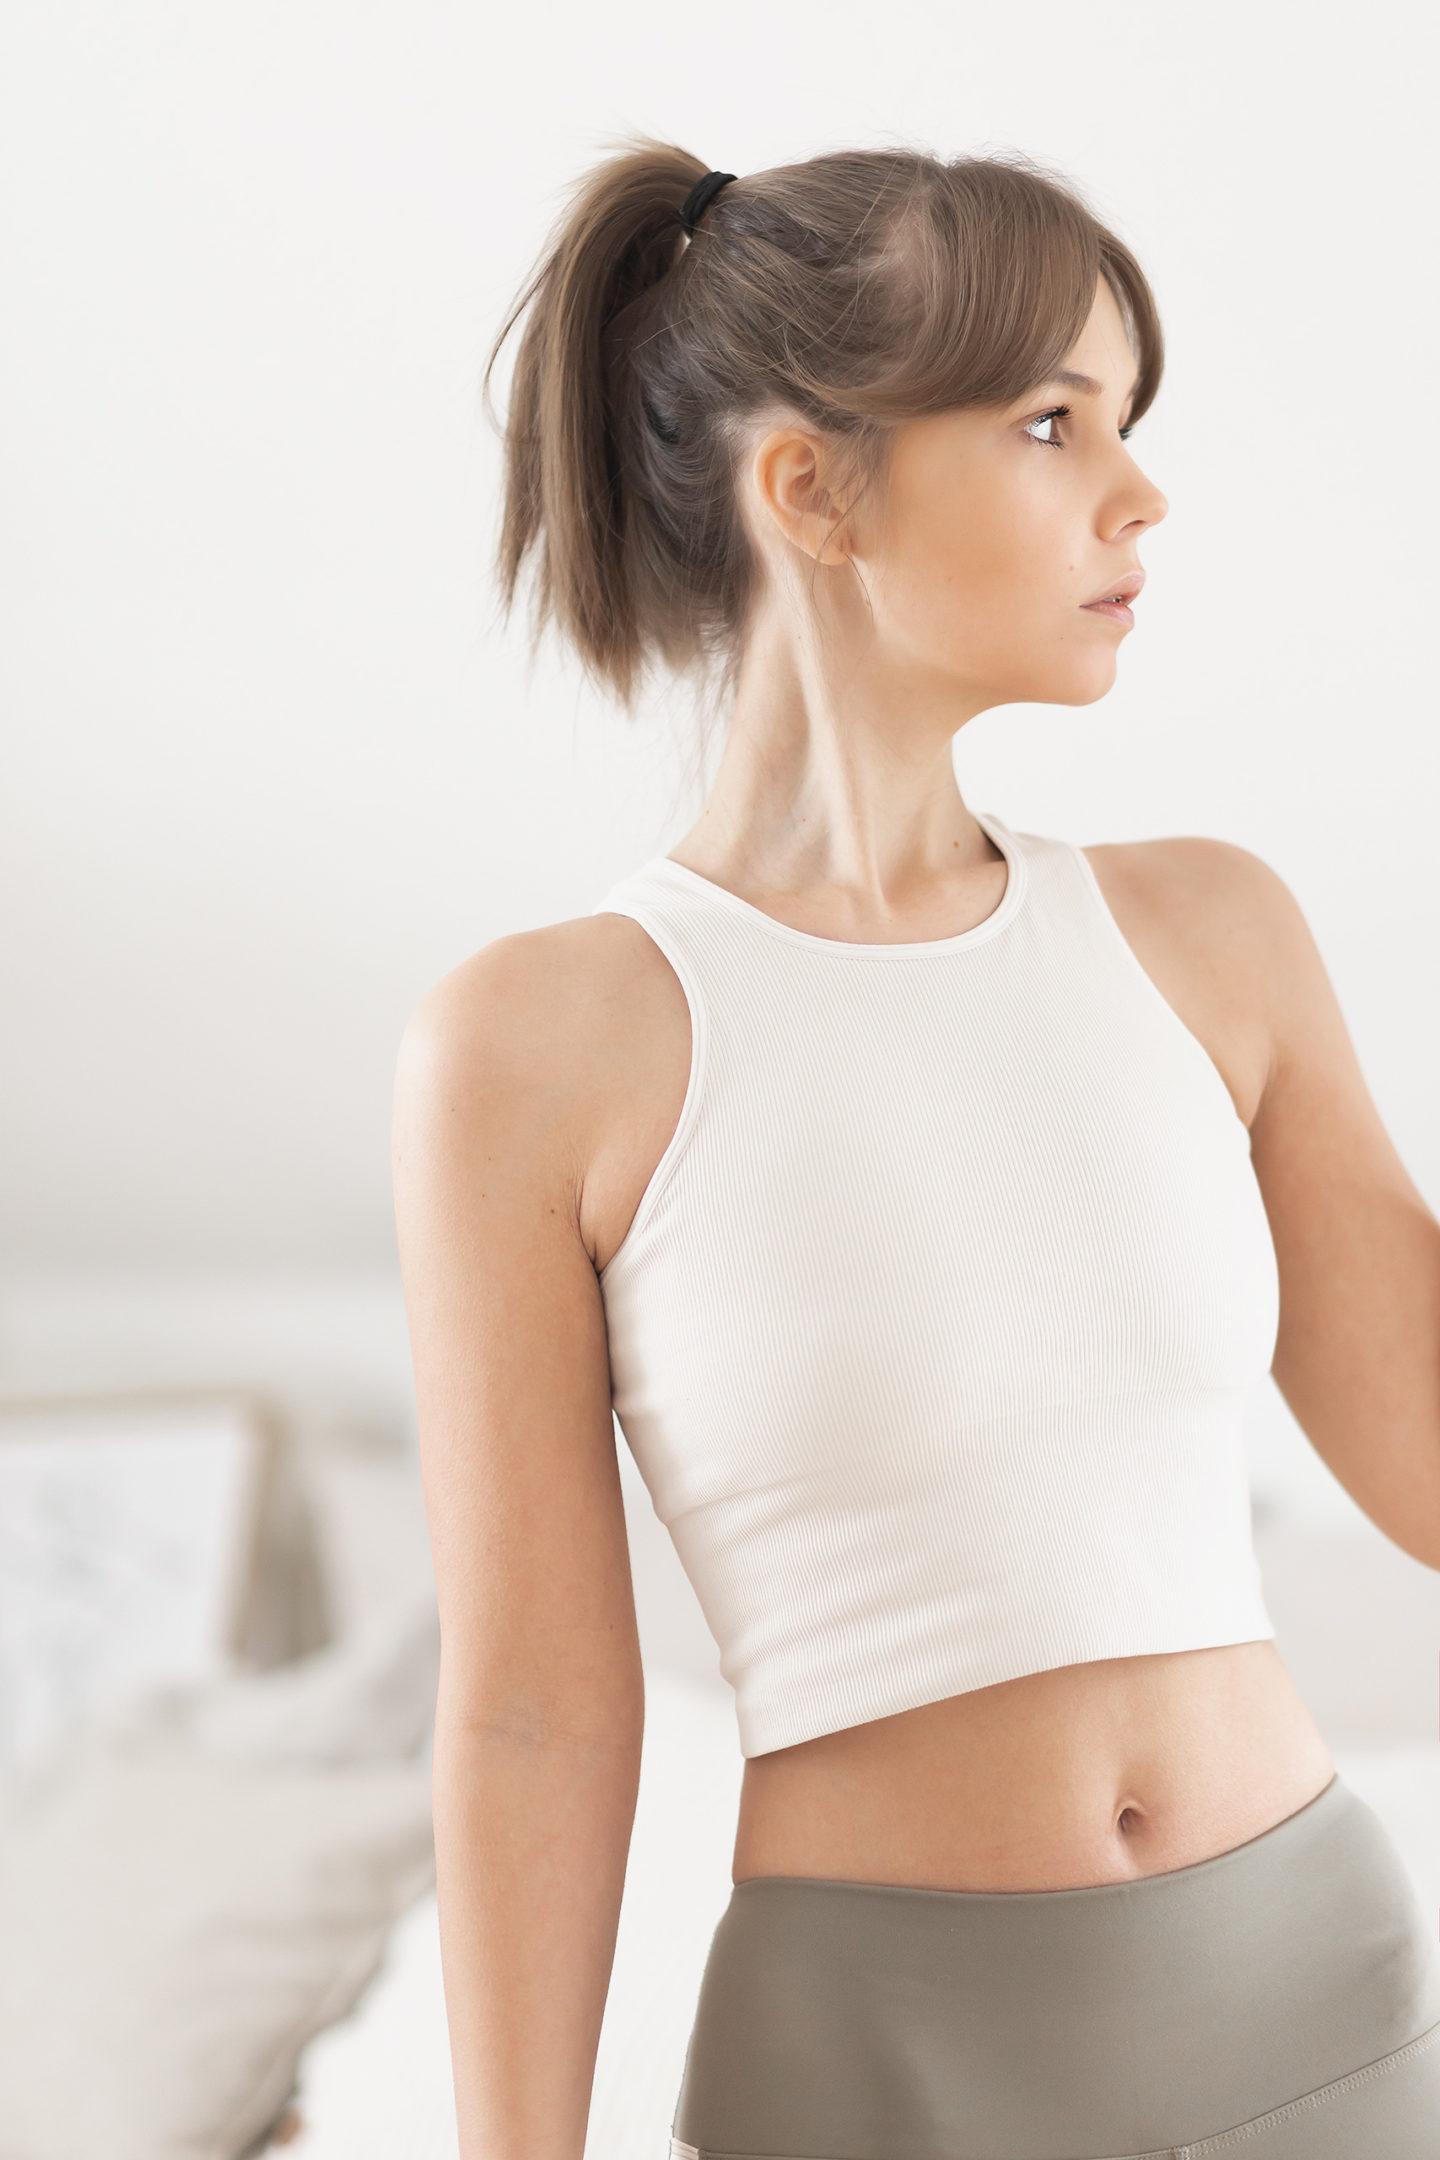 Tipps für die richtige Sportkleidung, bezauberndenana